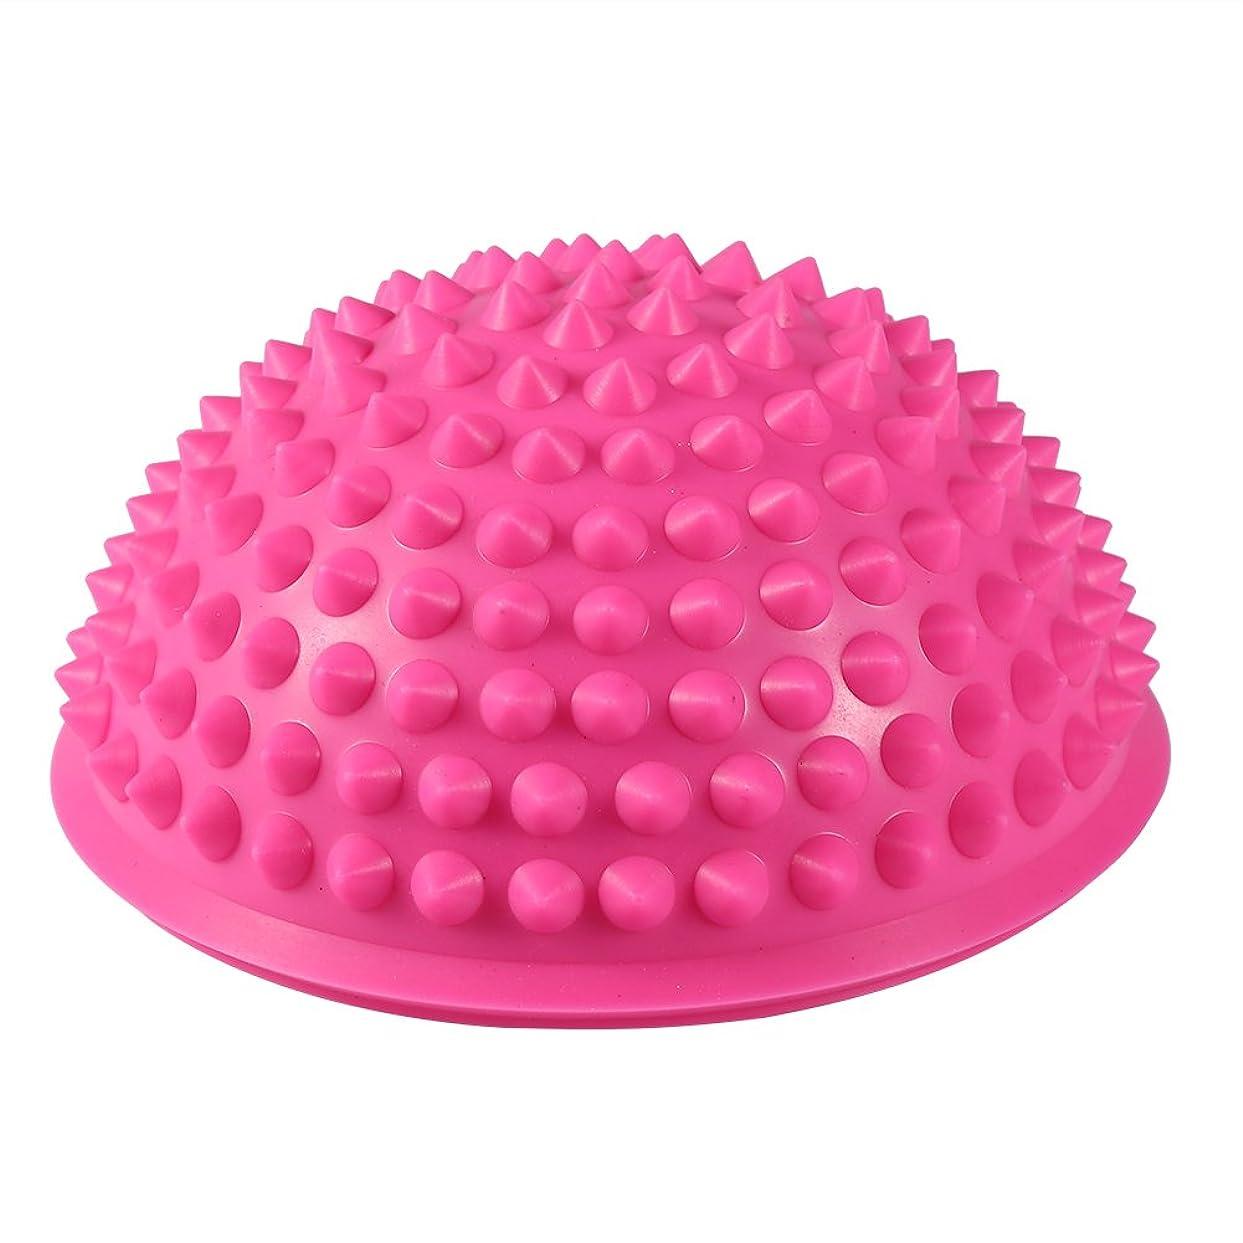 に渡って美容師郵便屋さんハーフラウンドPVCマッサージボールヨガボールフィットネスエクササイズジムマッサージ5色(ピンク)